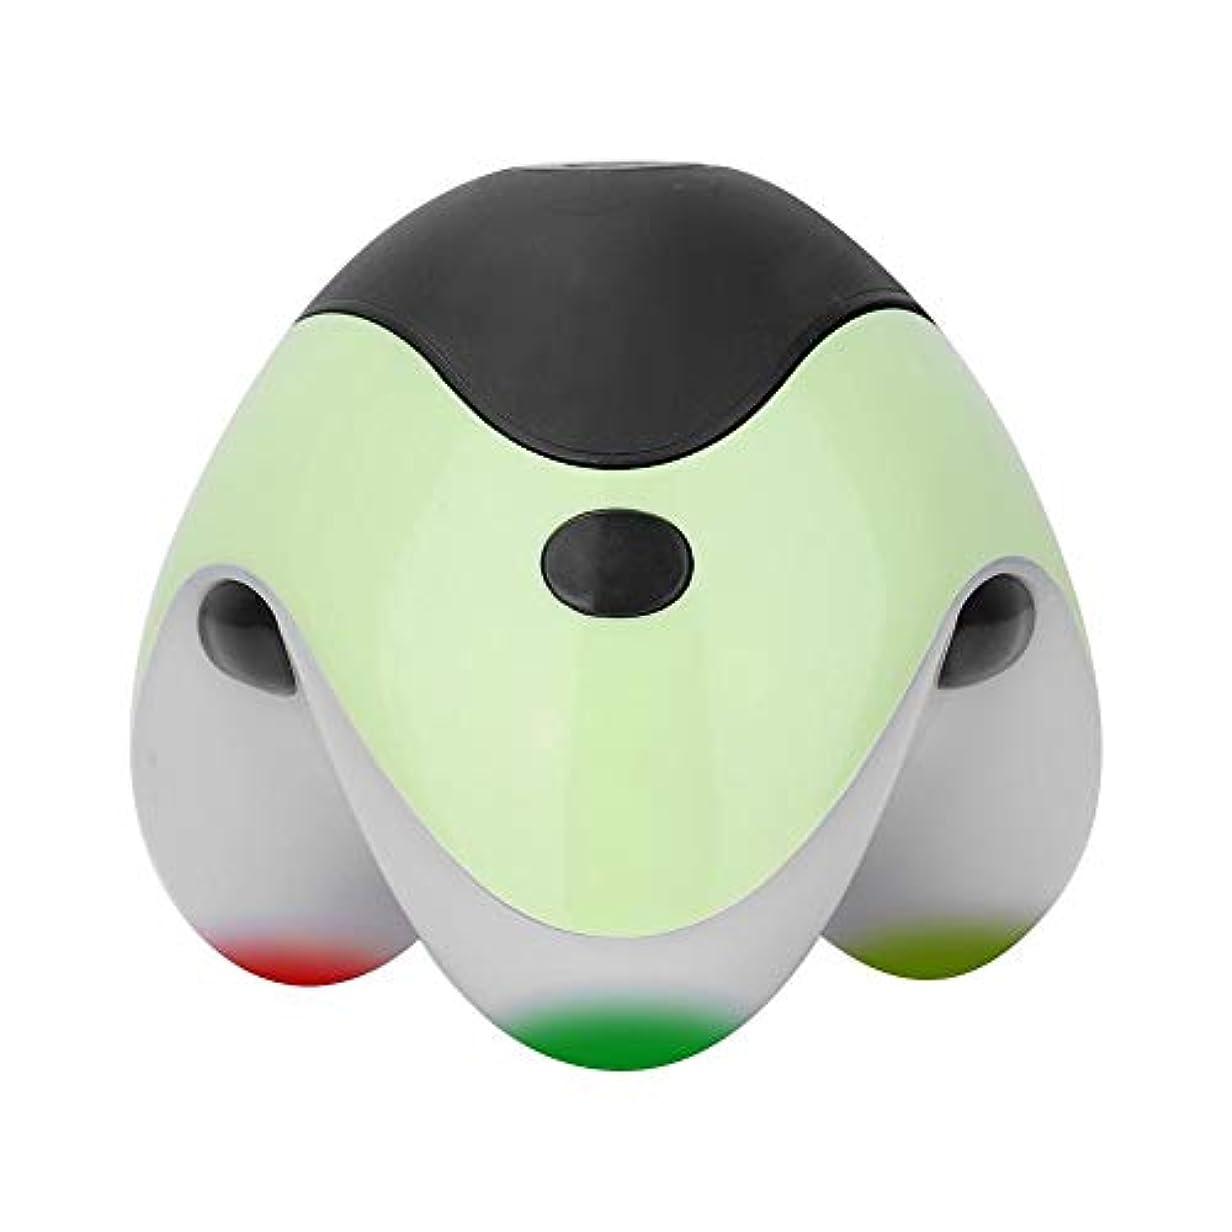 ニックネーム専門用語ベッドを作るNitrip ボディマッサージ ハンディマッサージャー ボティローラー 全身用 血行促進 疲労緩和 ストレス解消 ヘルスケア マッサージツール 携帯便利 4色(緑)